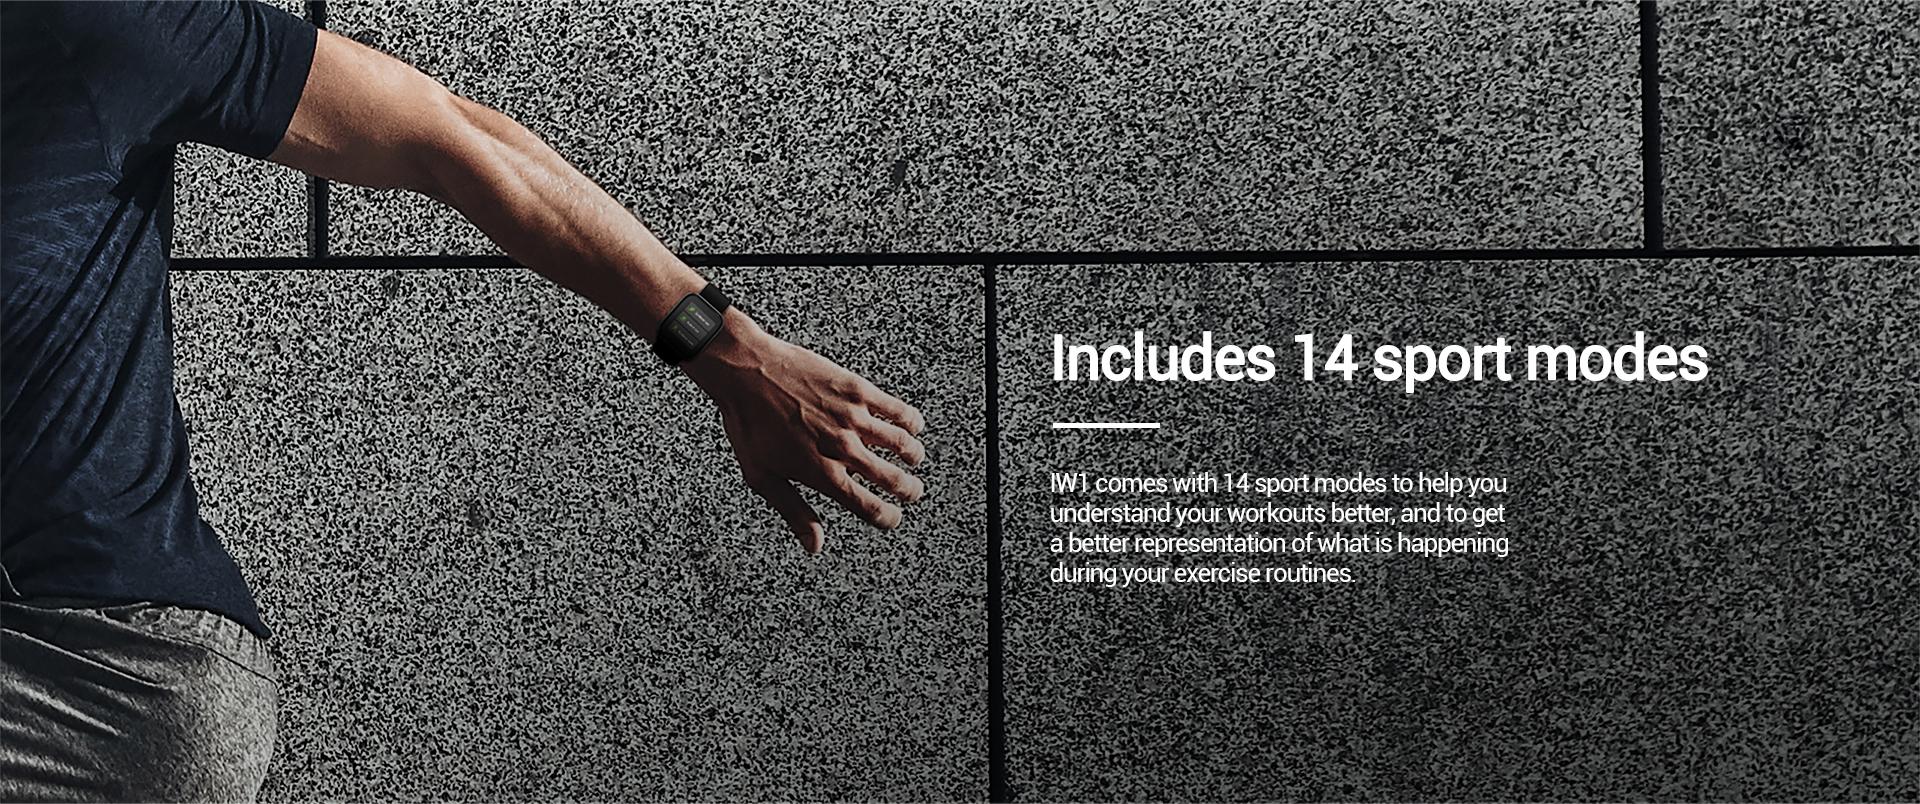 Letsfit IW1 Smart Watch